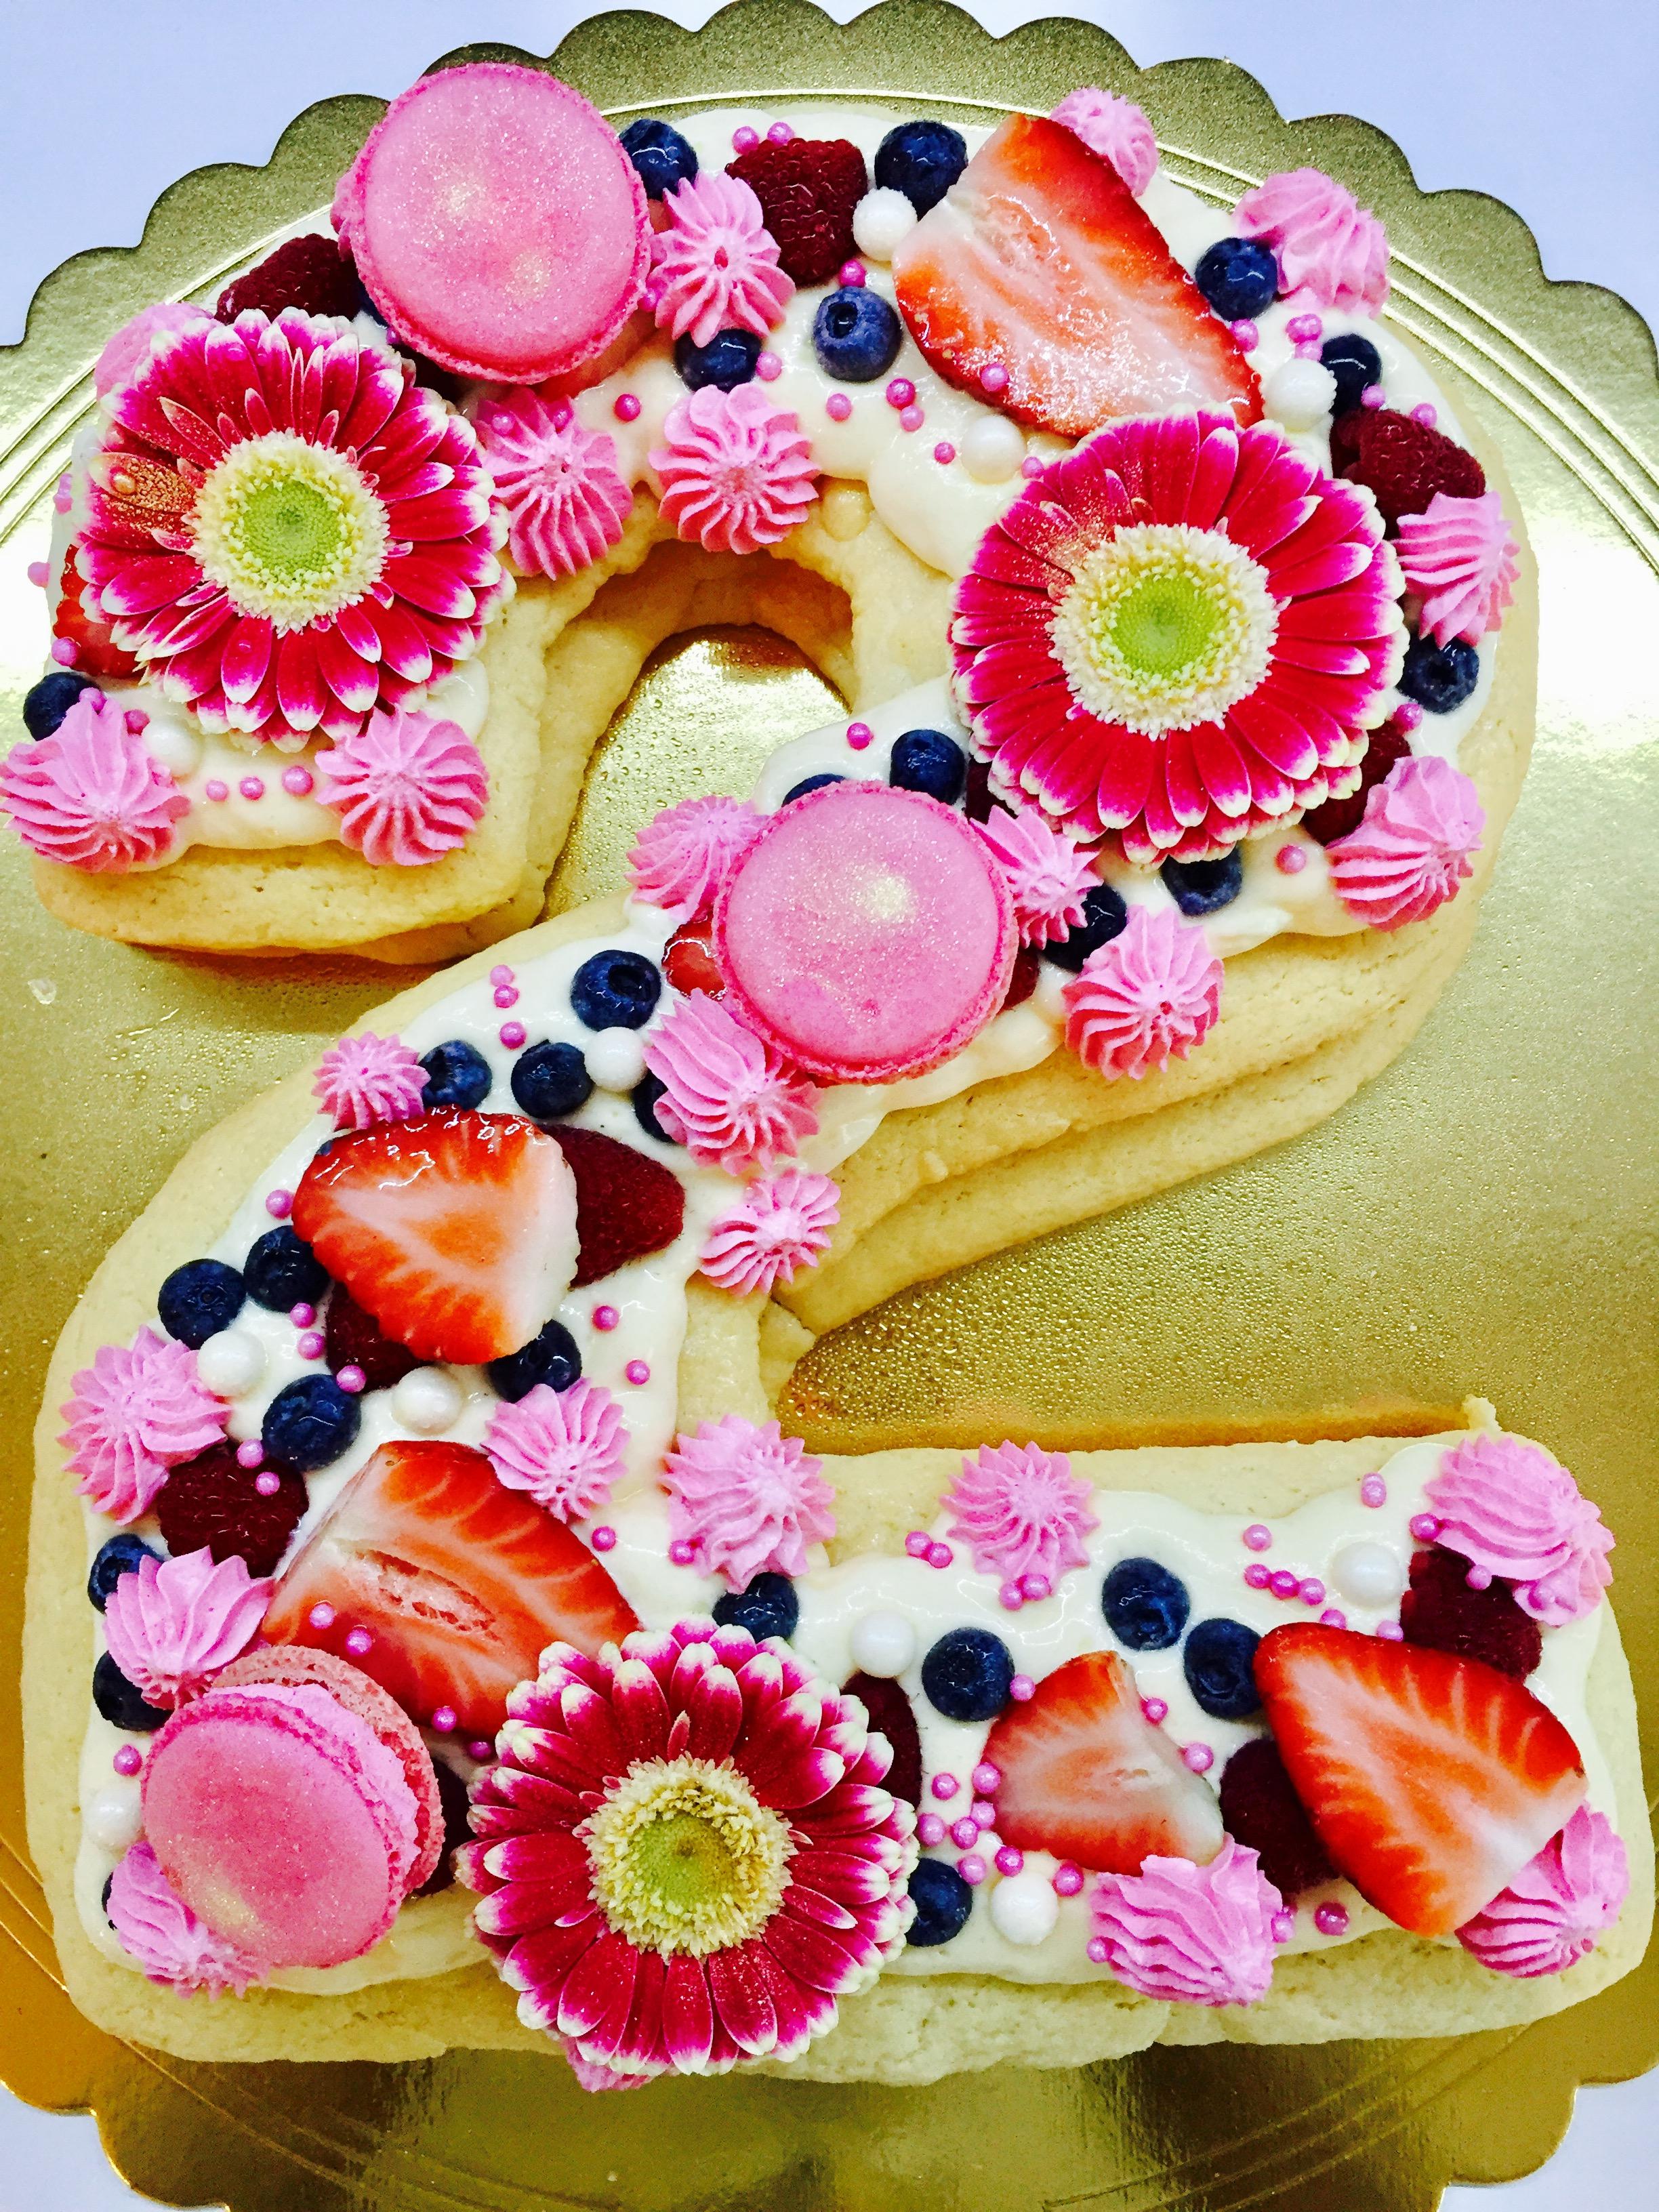 Cream tart con numero blog di cucinachepassione for Numero di deputati e senatori